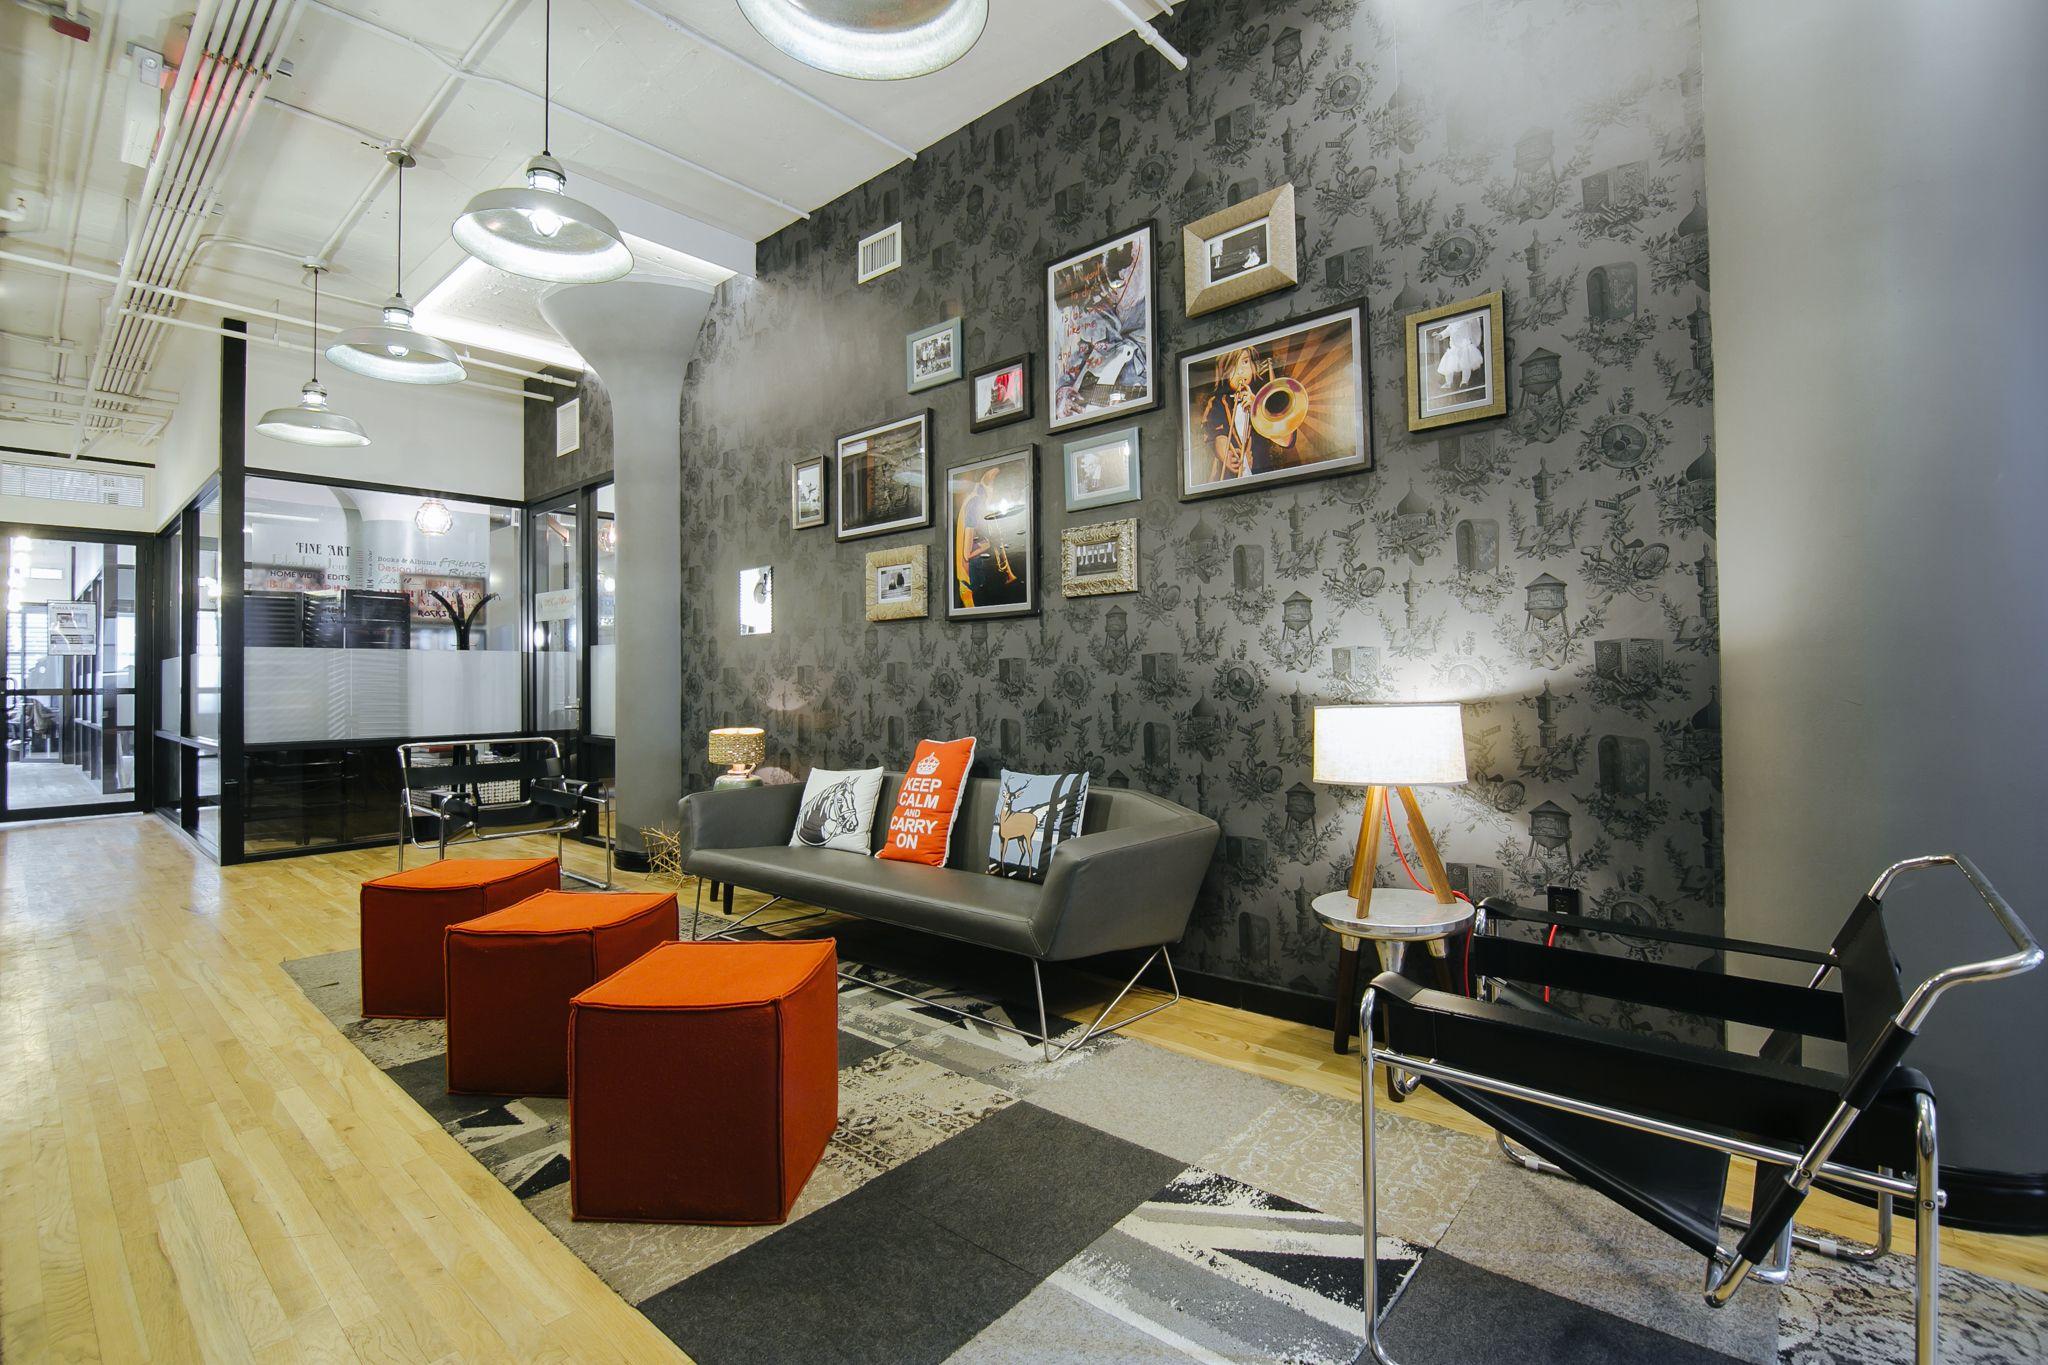 Wework google search interior officeoffice interiorscollaborative spacework spacescolor artsohoinspiring